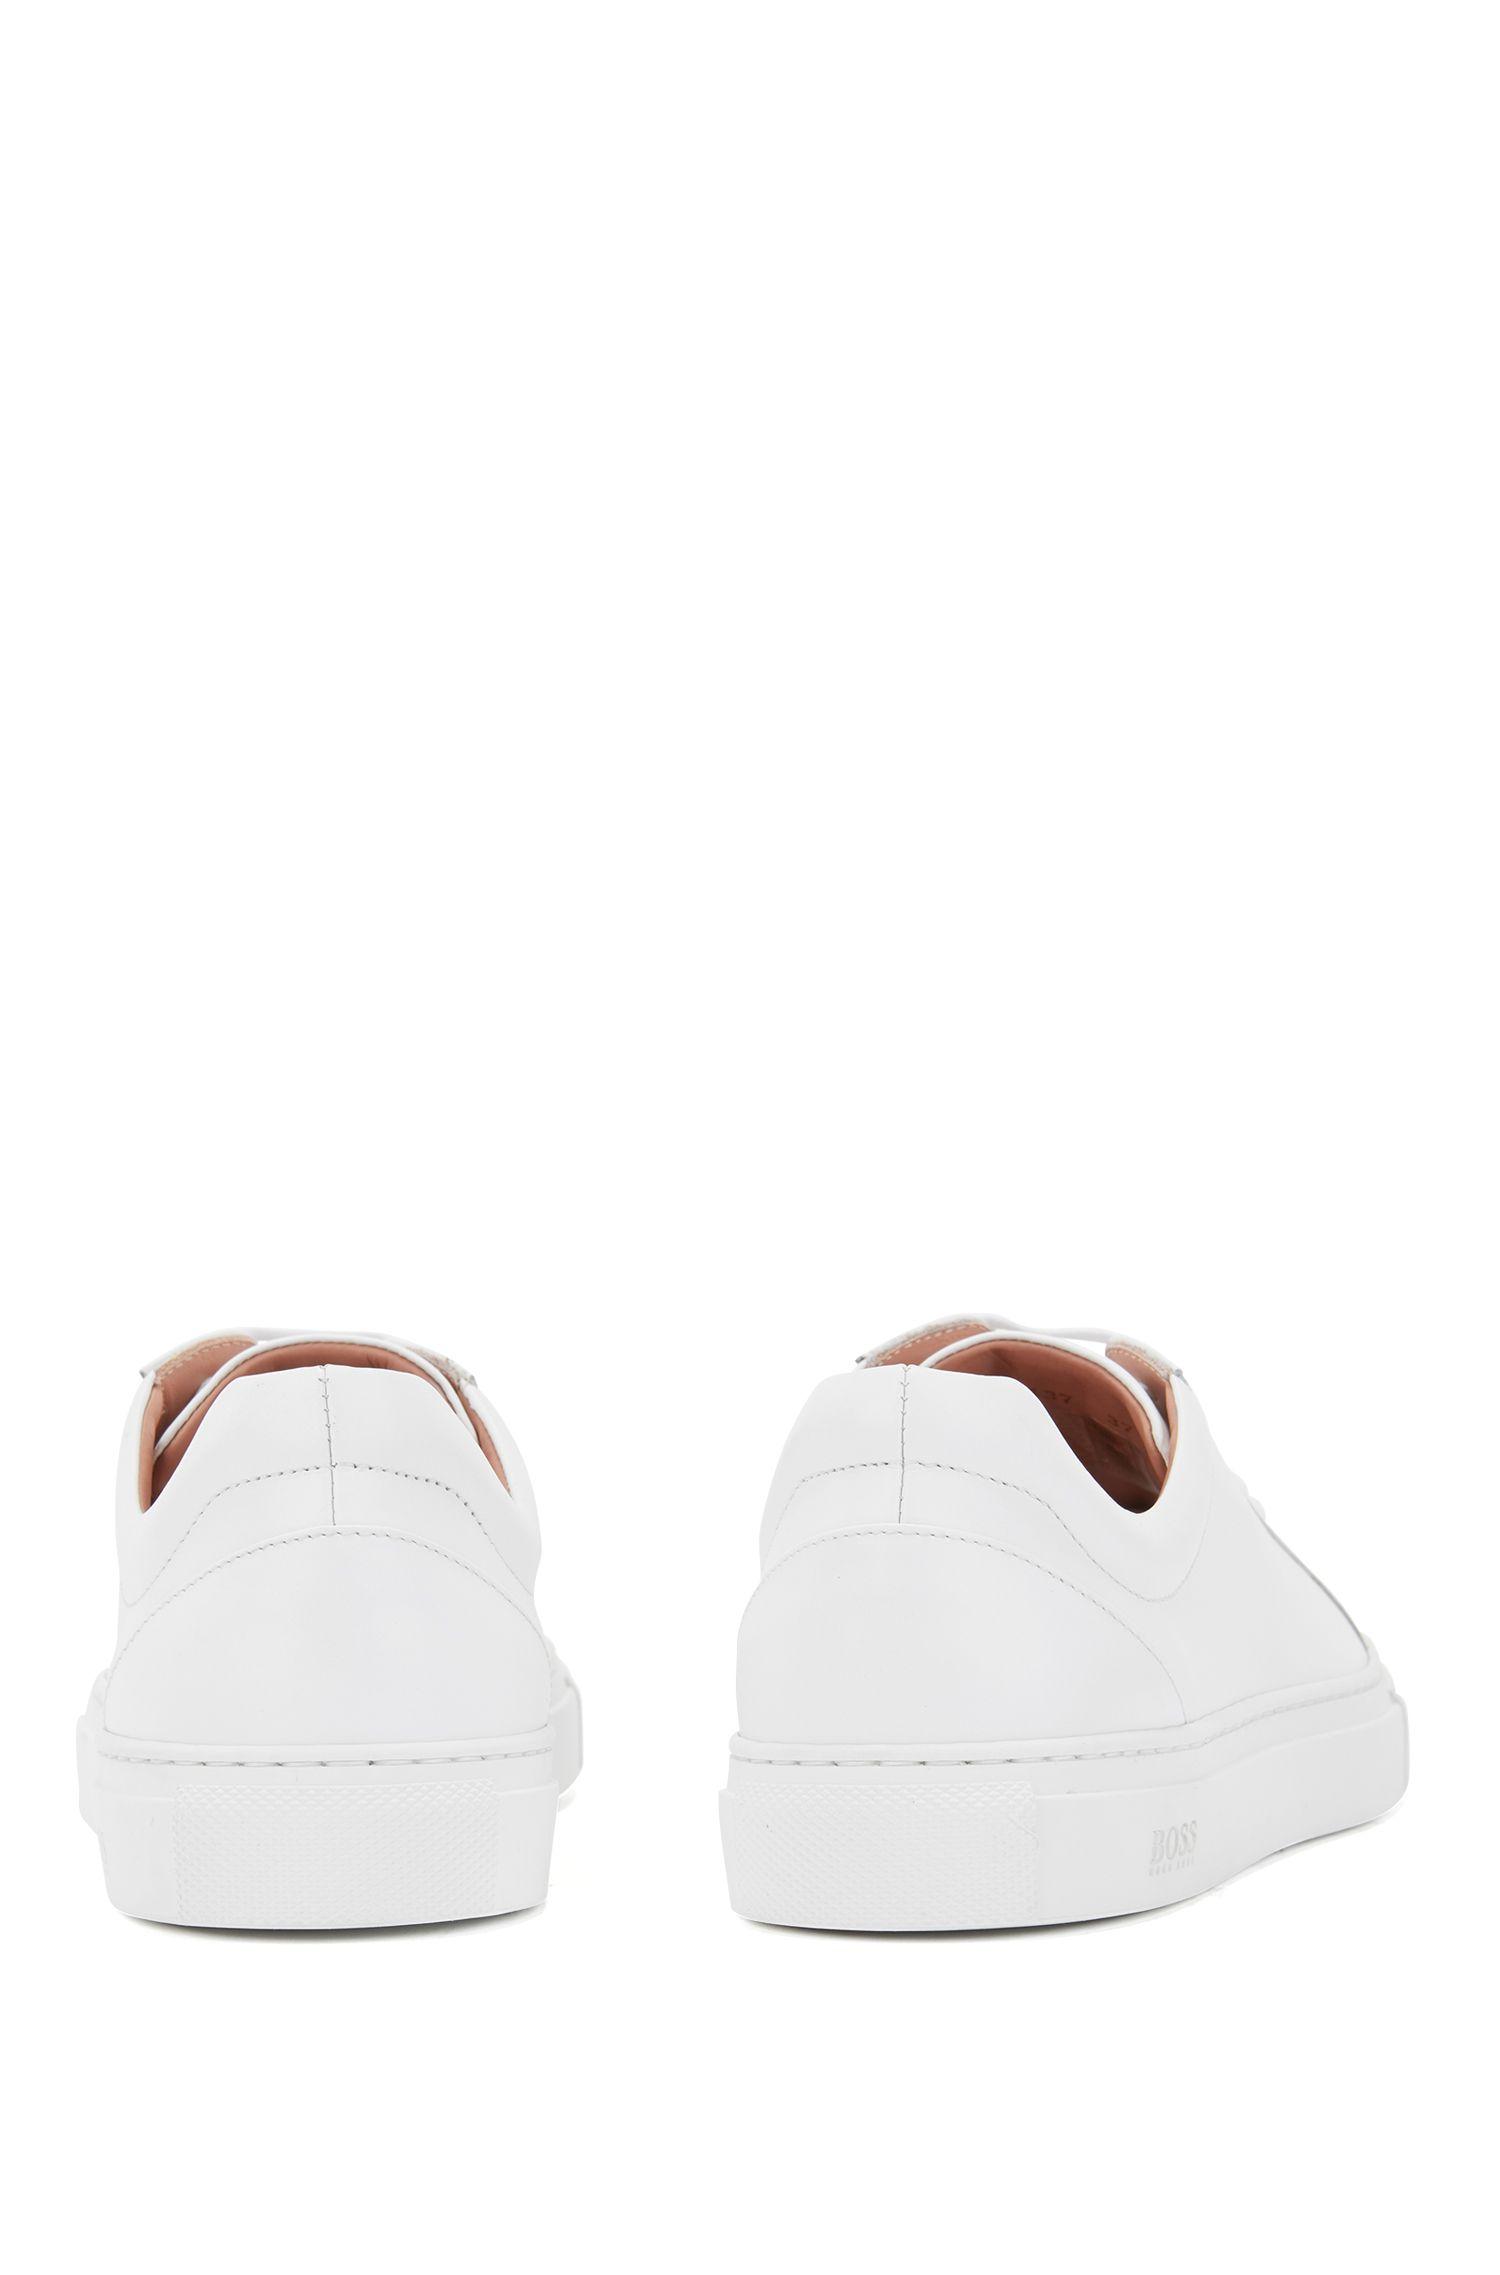 Sneakers low-top in pelle di vitello martellata realizzata in Italia